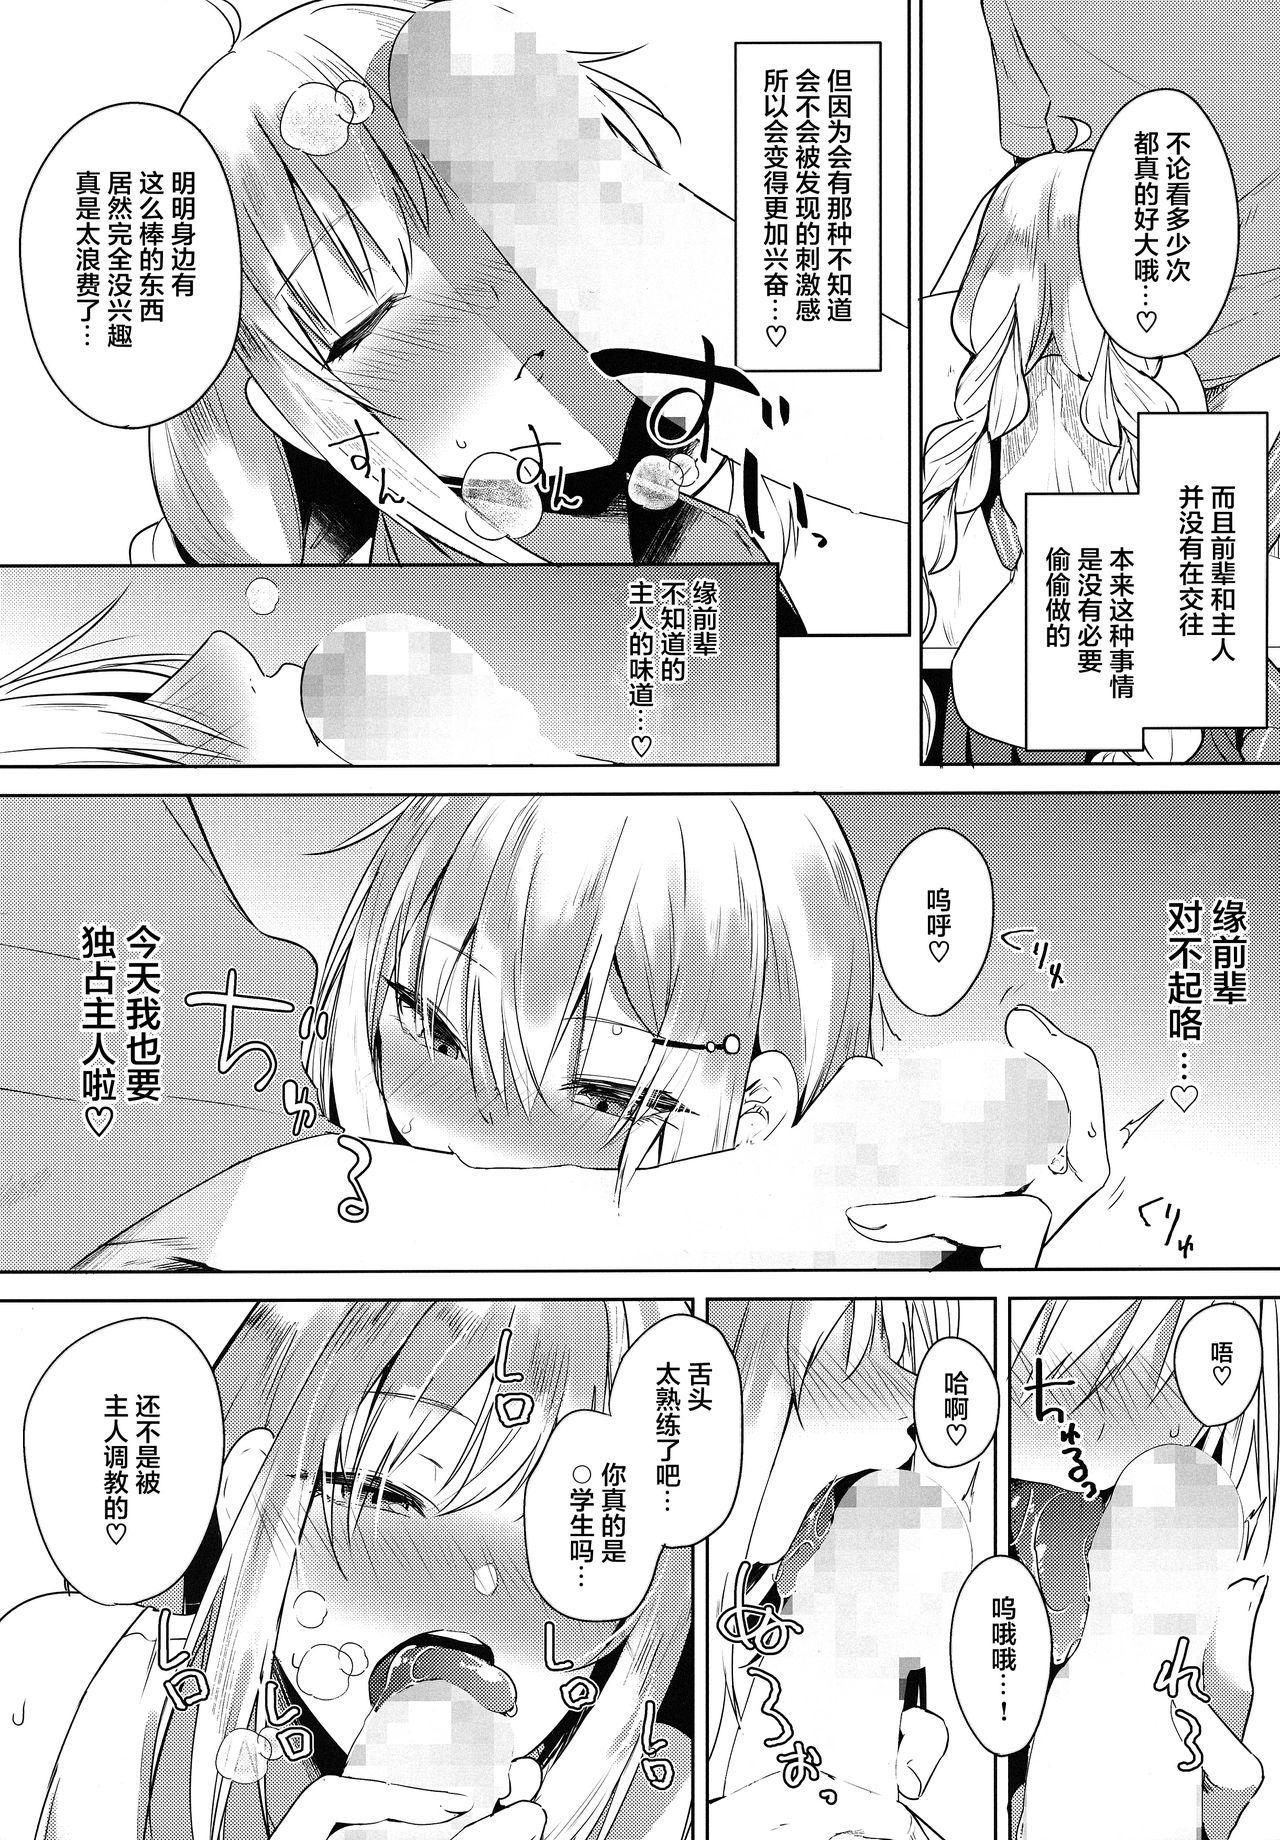 Tsuki ni wa Naisho no Hoshikuzu 5